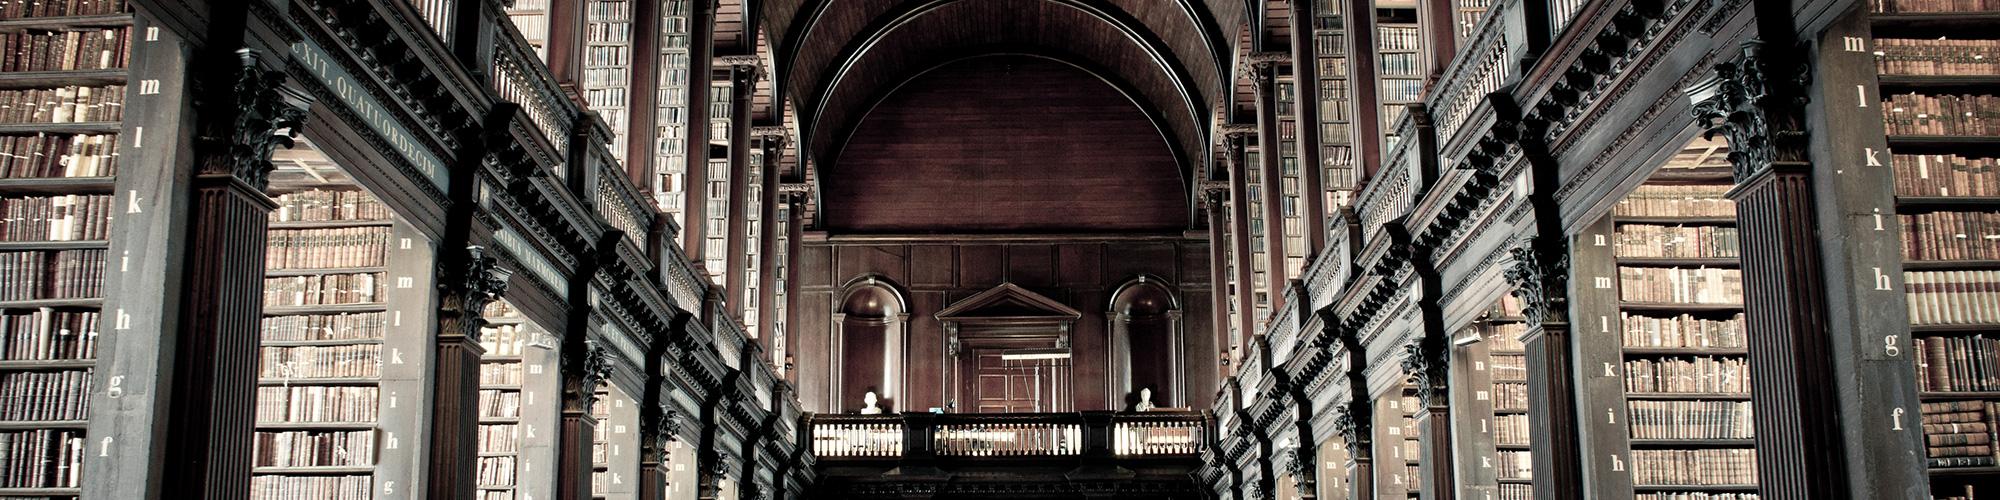 Der Gang der Bücherei des Trinity College von innen.